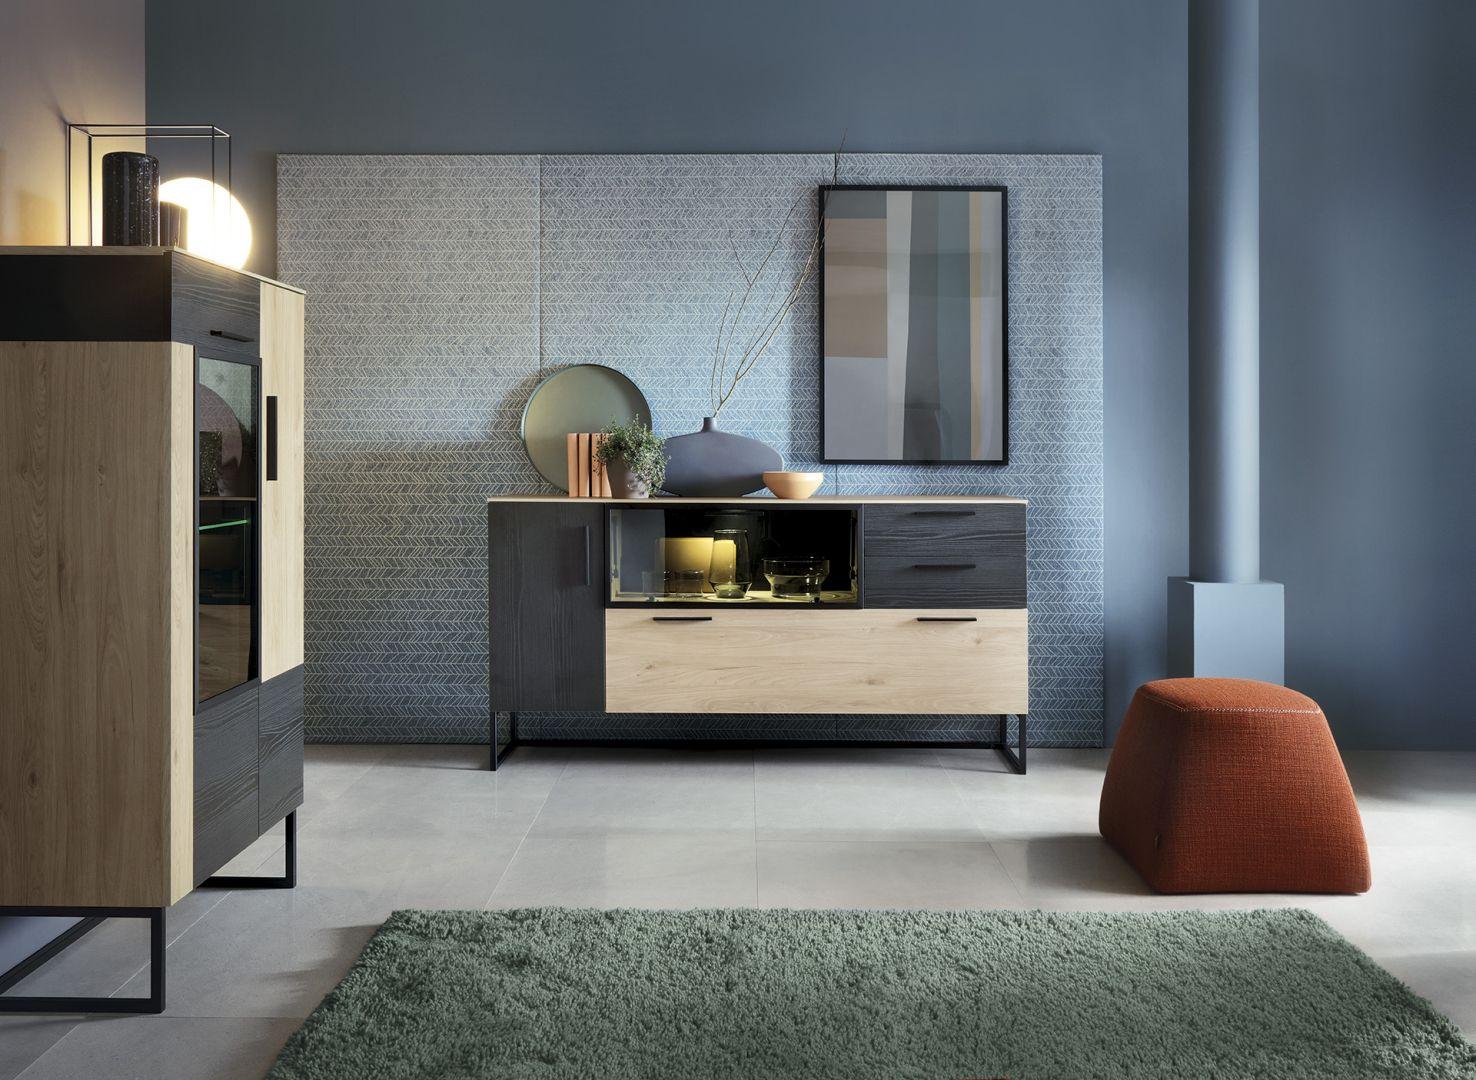 W kolekcji mebli do salonu i jadalni Cordoba zastosowano połączenia dekoru drewna w naturalnym i czarnym wybarwieniu. Fot. Meble Wójcik